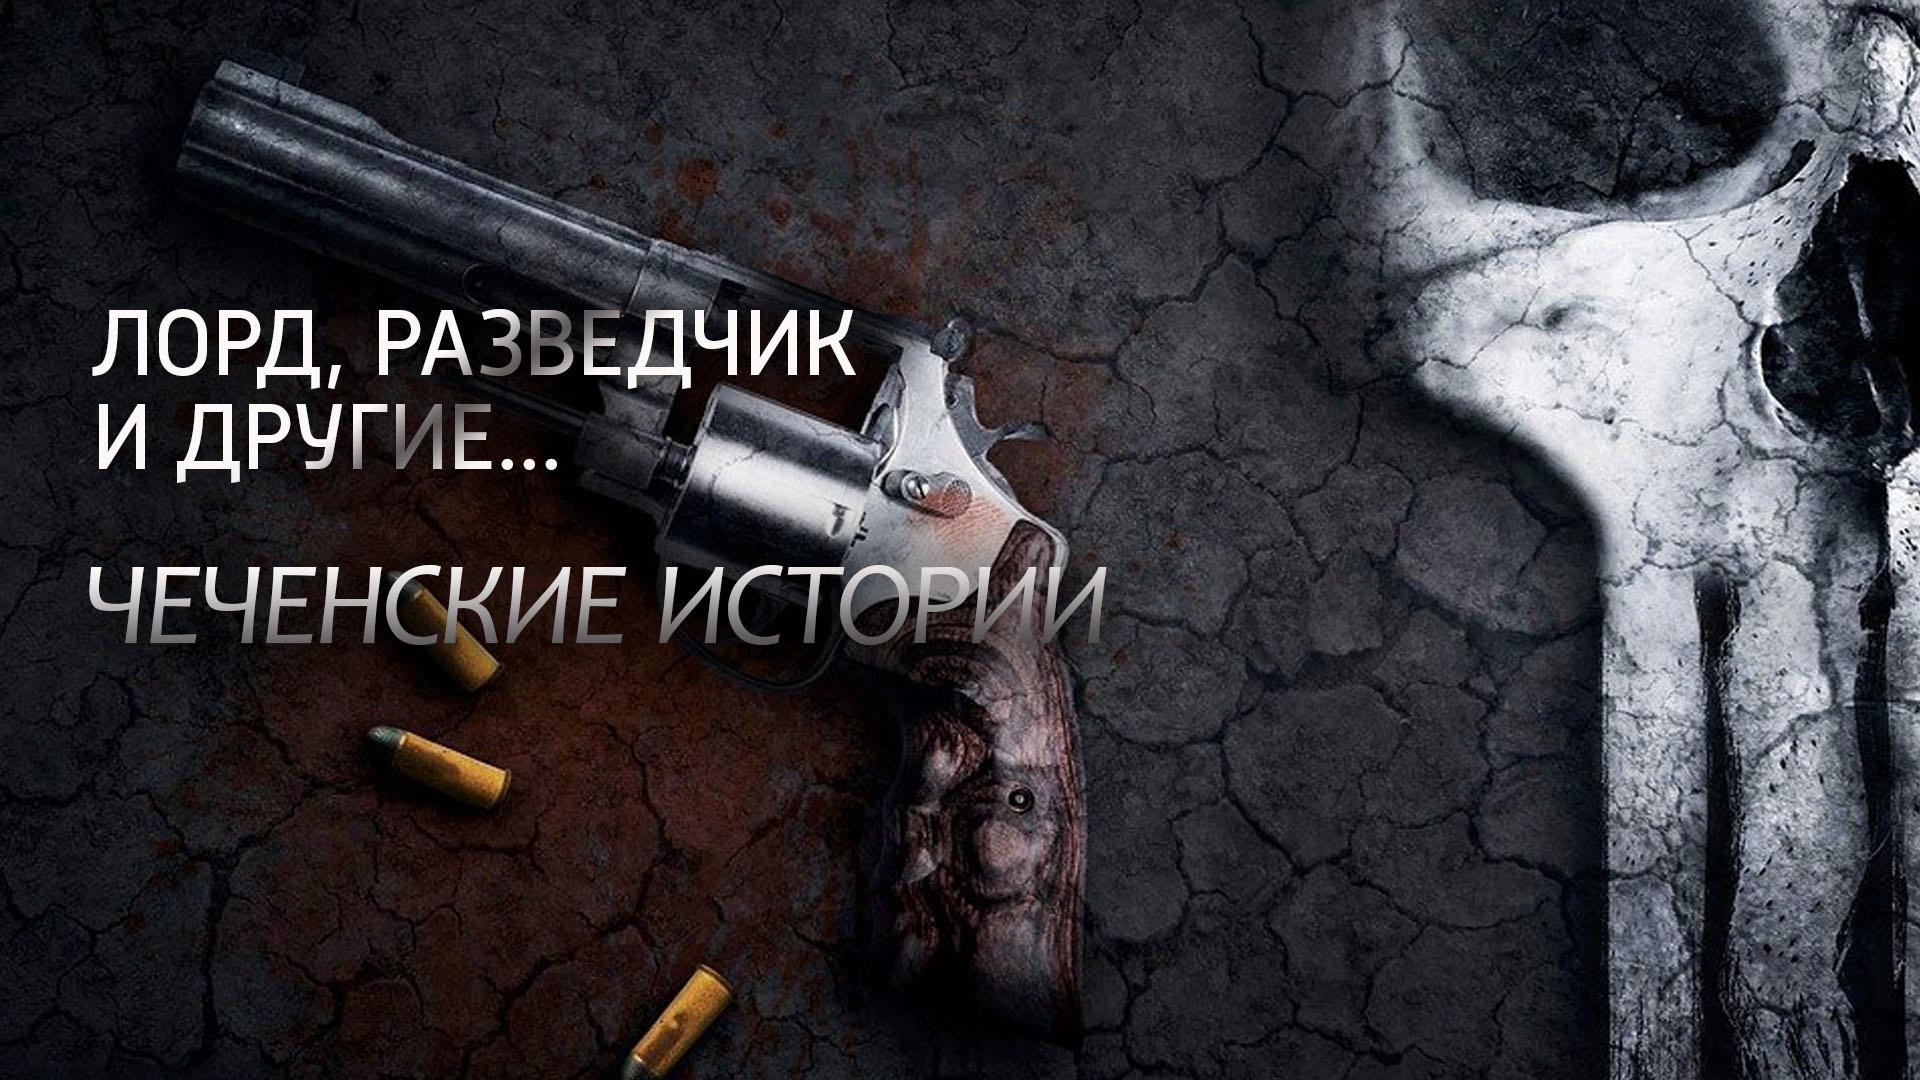 Лорд, разведчик и другие... Чеченские истории